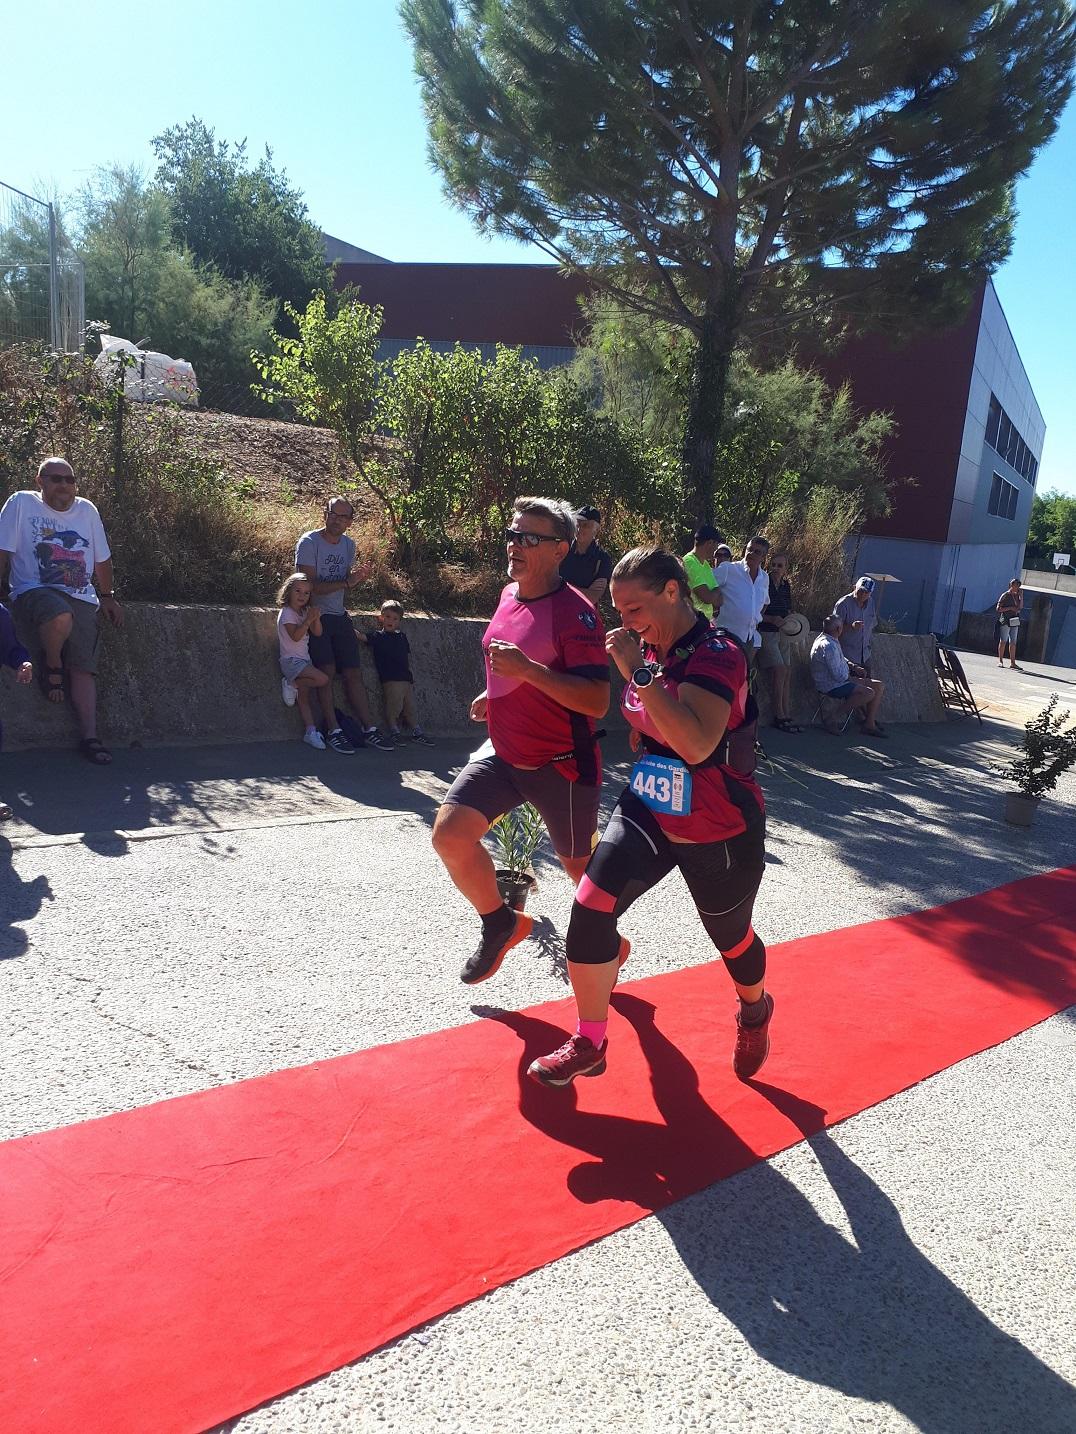 14-Allez, un dernier sprint sur le tapis rouge